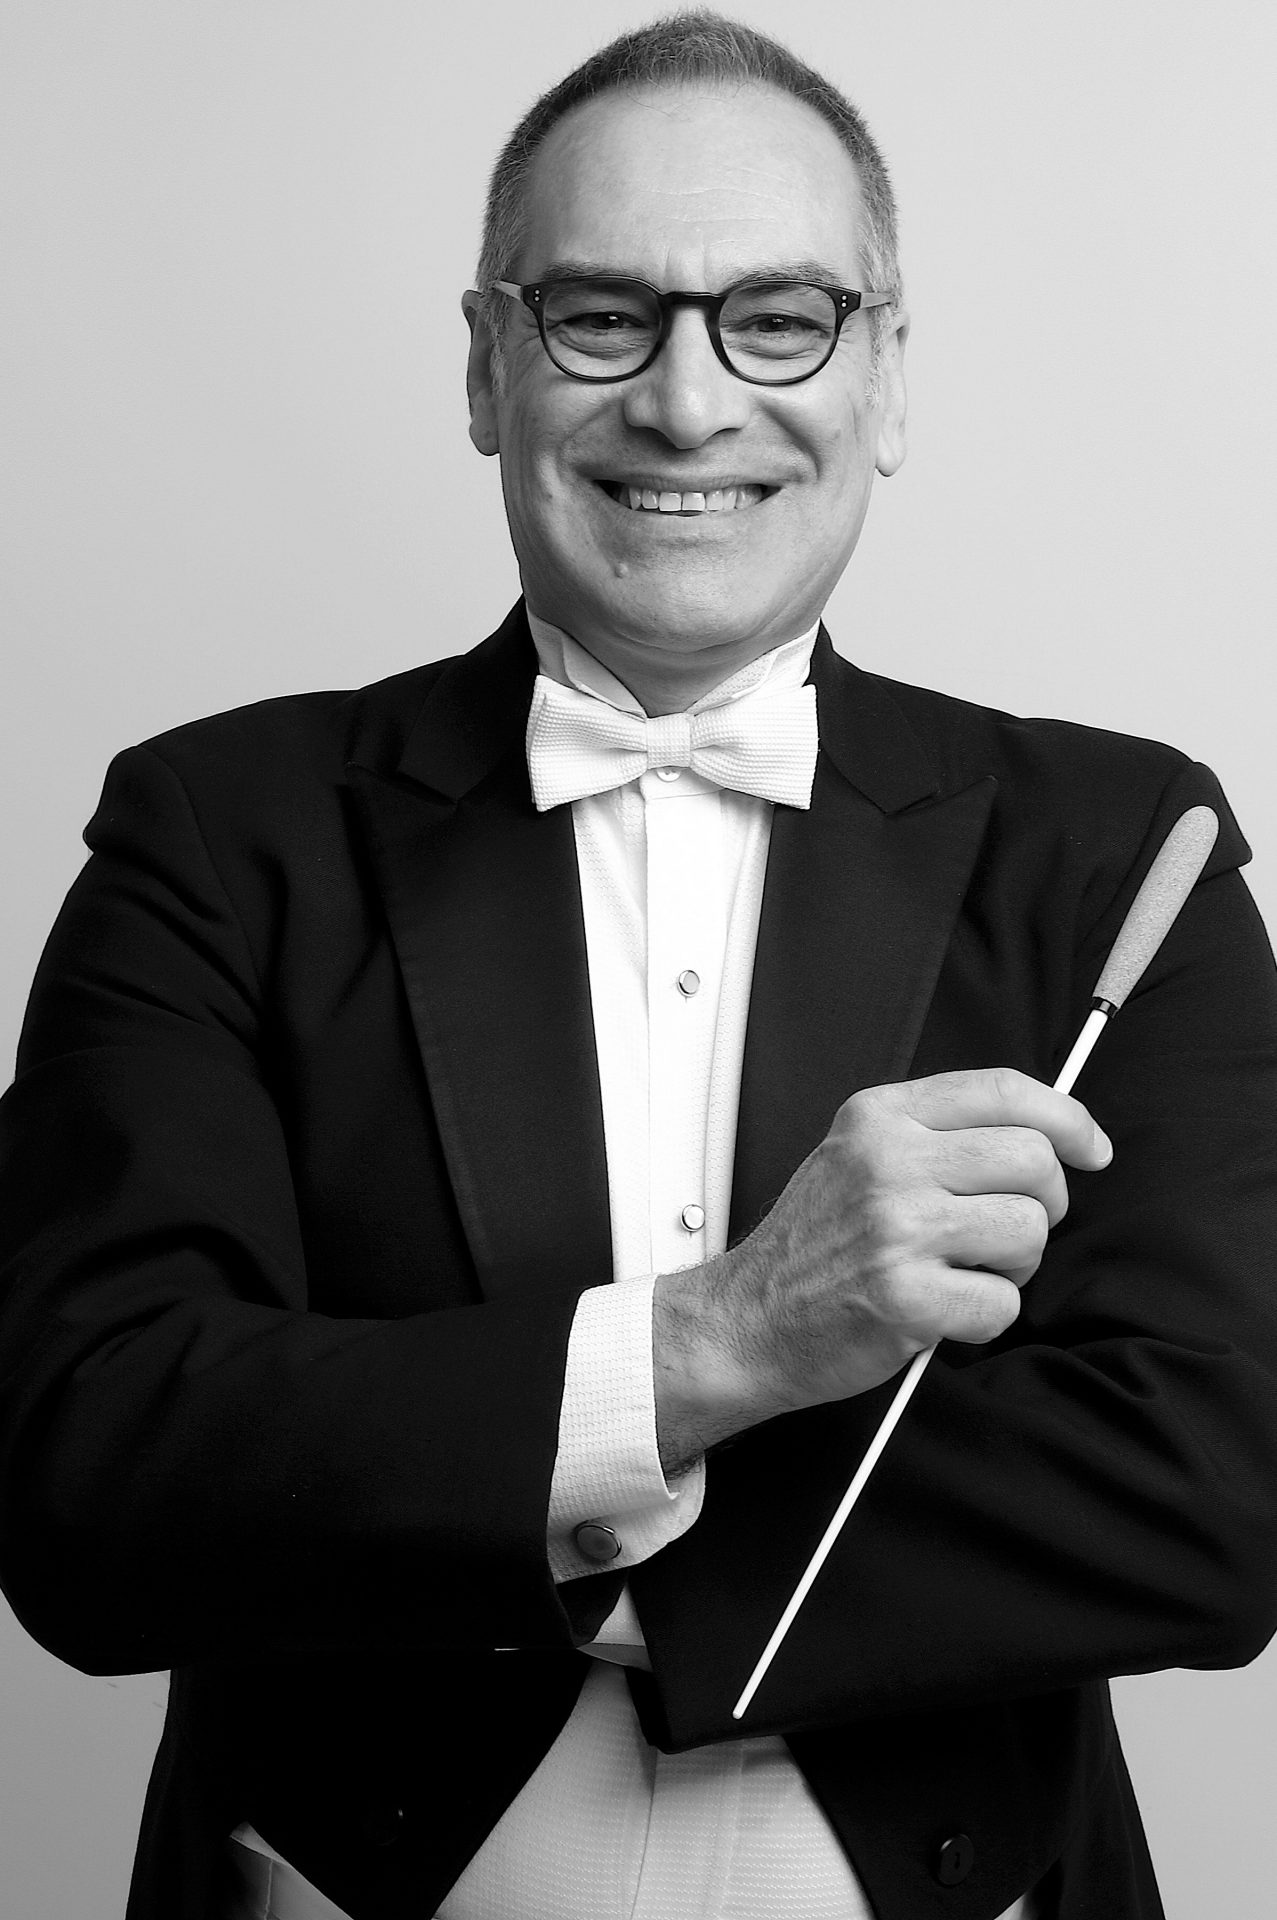 Pierre Savoie